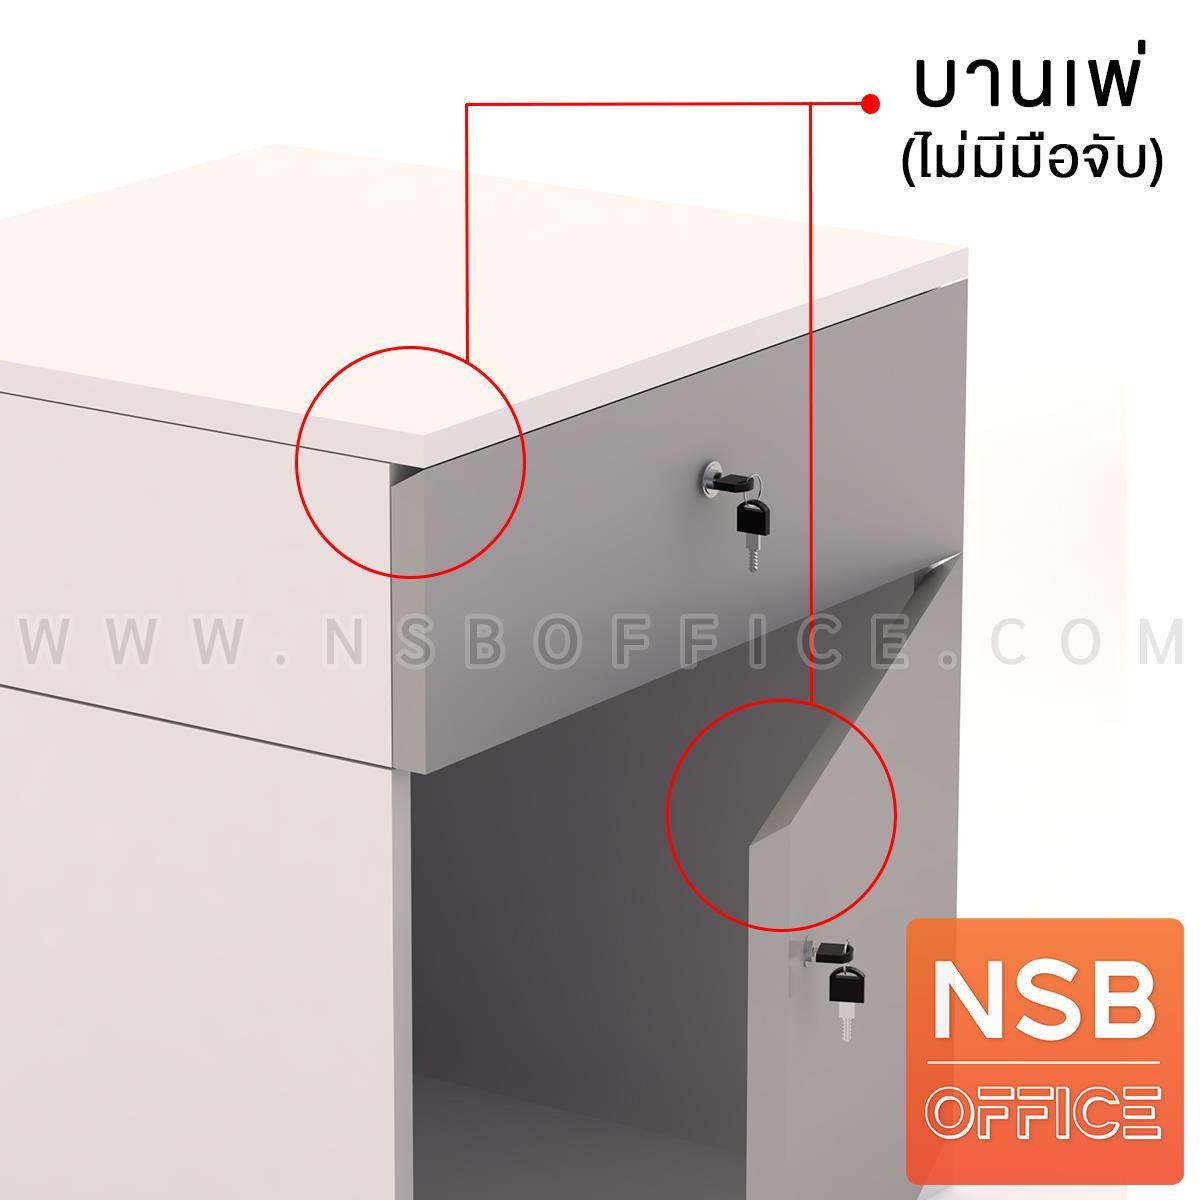 ตู้ครอบเซฟบานเพ่ (แนวตั้ง) 2 บานเปิด รุ่น Twixtor (ทวิกซ์เตอร์) ขนาด 63W*60D*93H cm.  สำหรับตู้เซฟน้ำหนัก 110 กก.